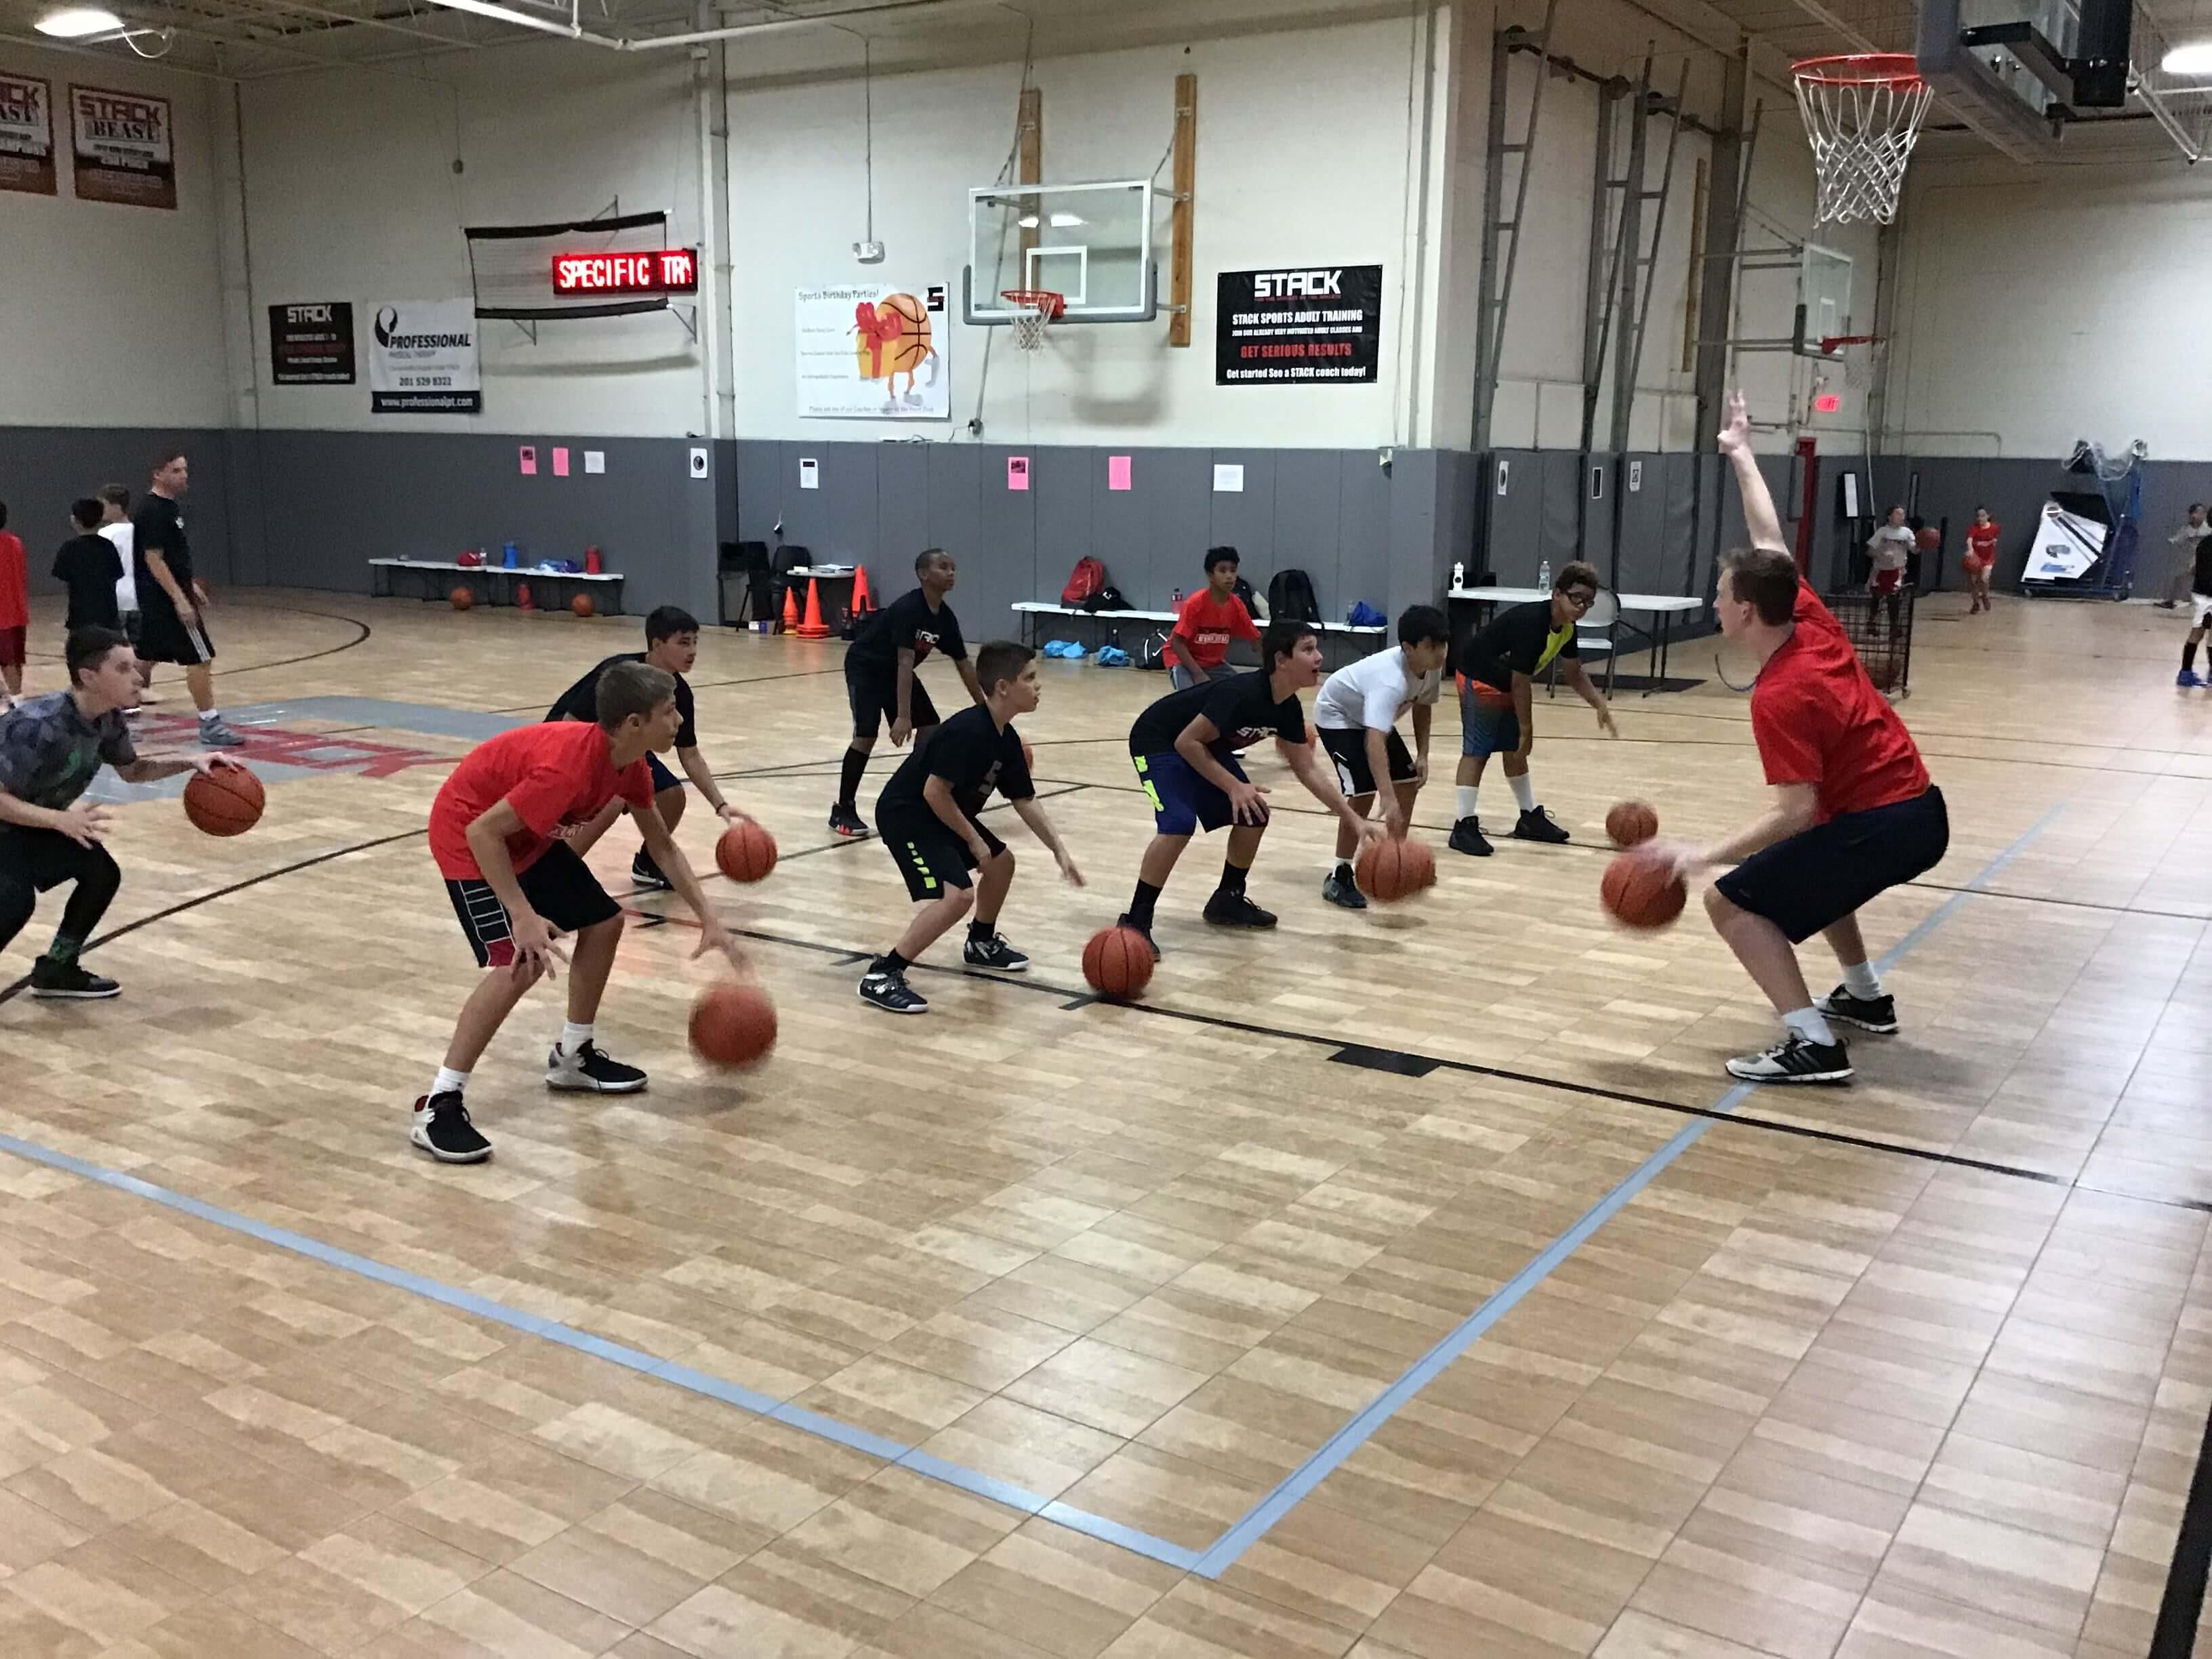 Summer Basketball Camp at STACK Basketball in Mahwah, NJ